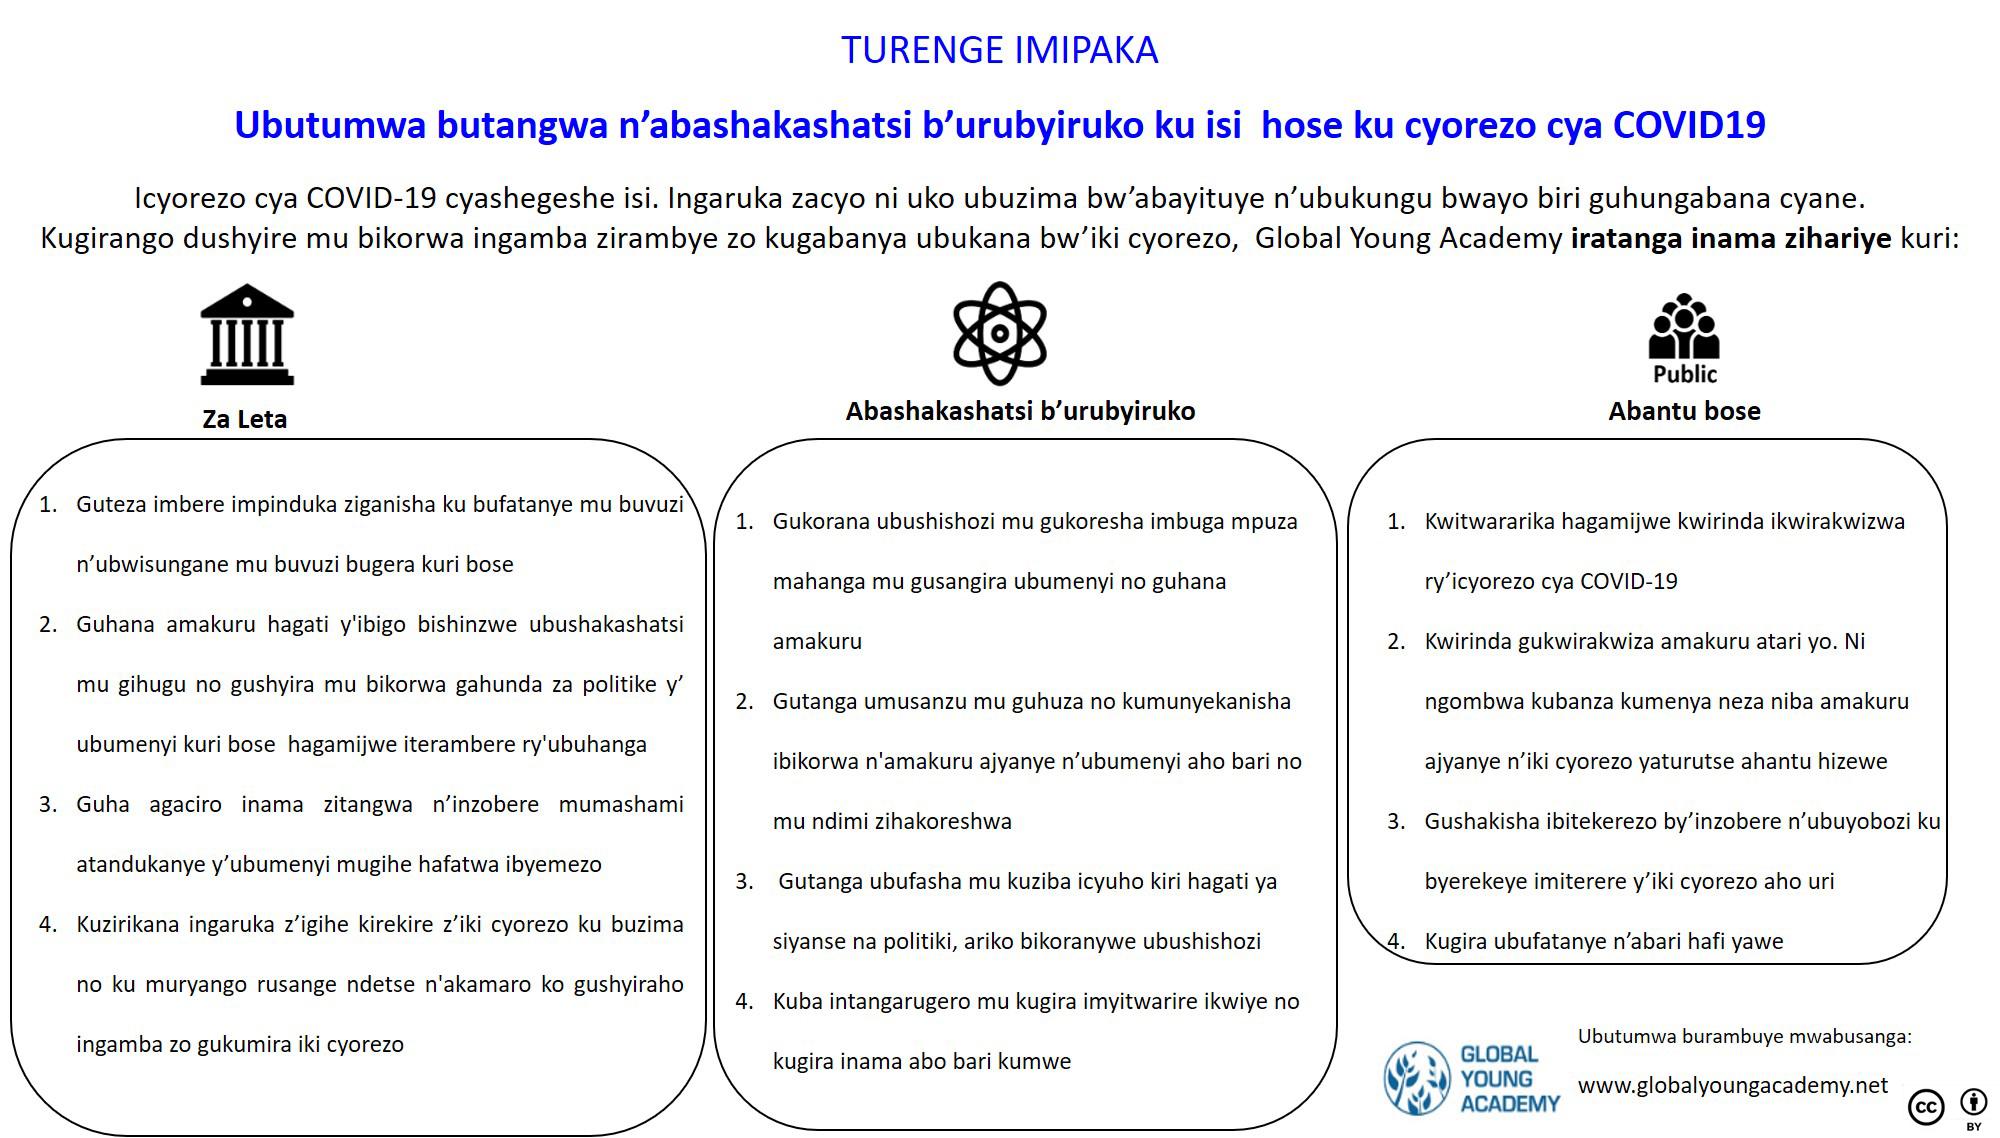 GYA COVID-19 statement infographic - Kinyarwanda version